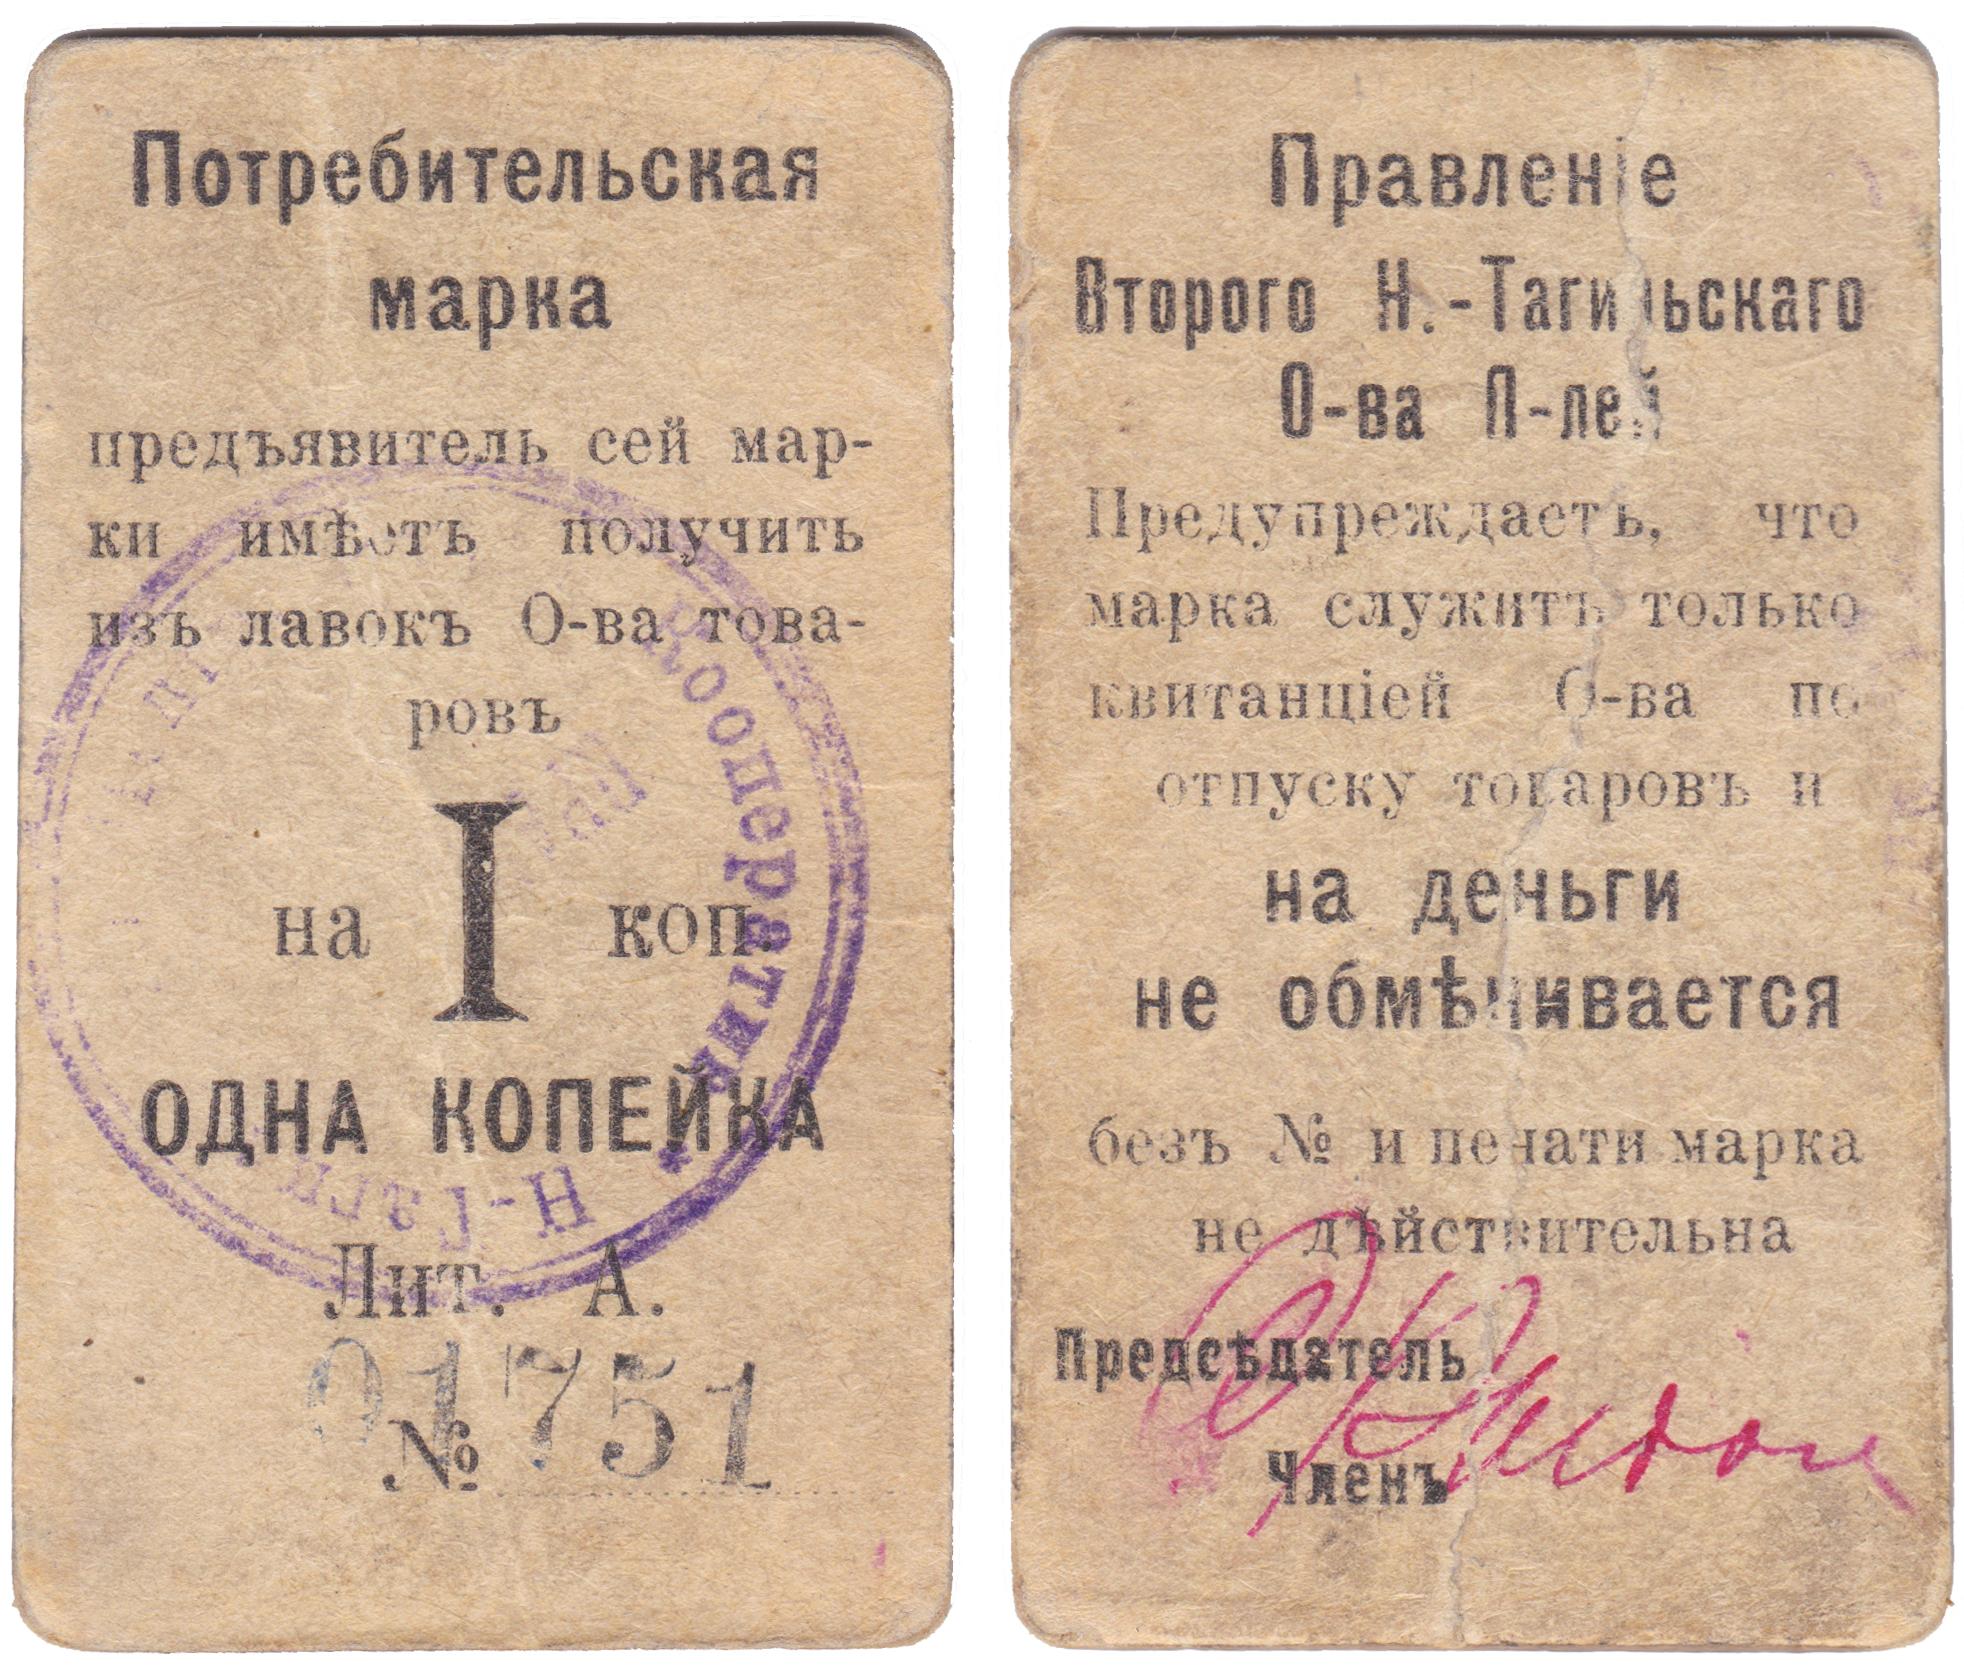 Потребительская марка на 1 Копейка 1918 год. Правление Второго Нижне-Тагильского общества потребителей